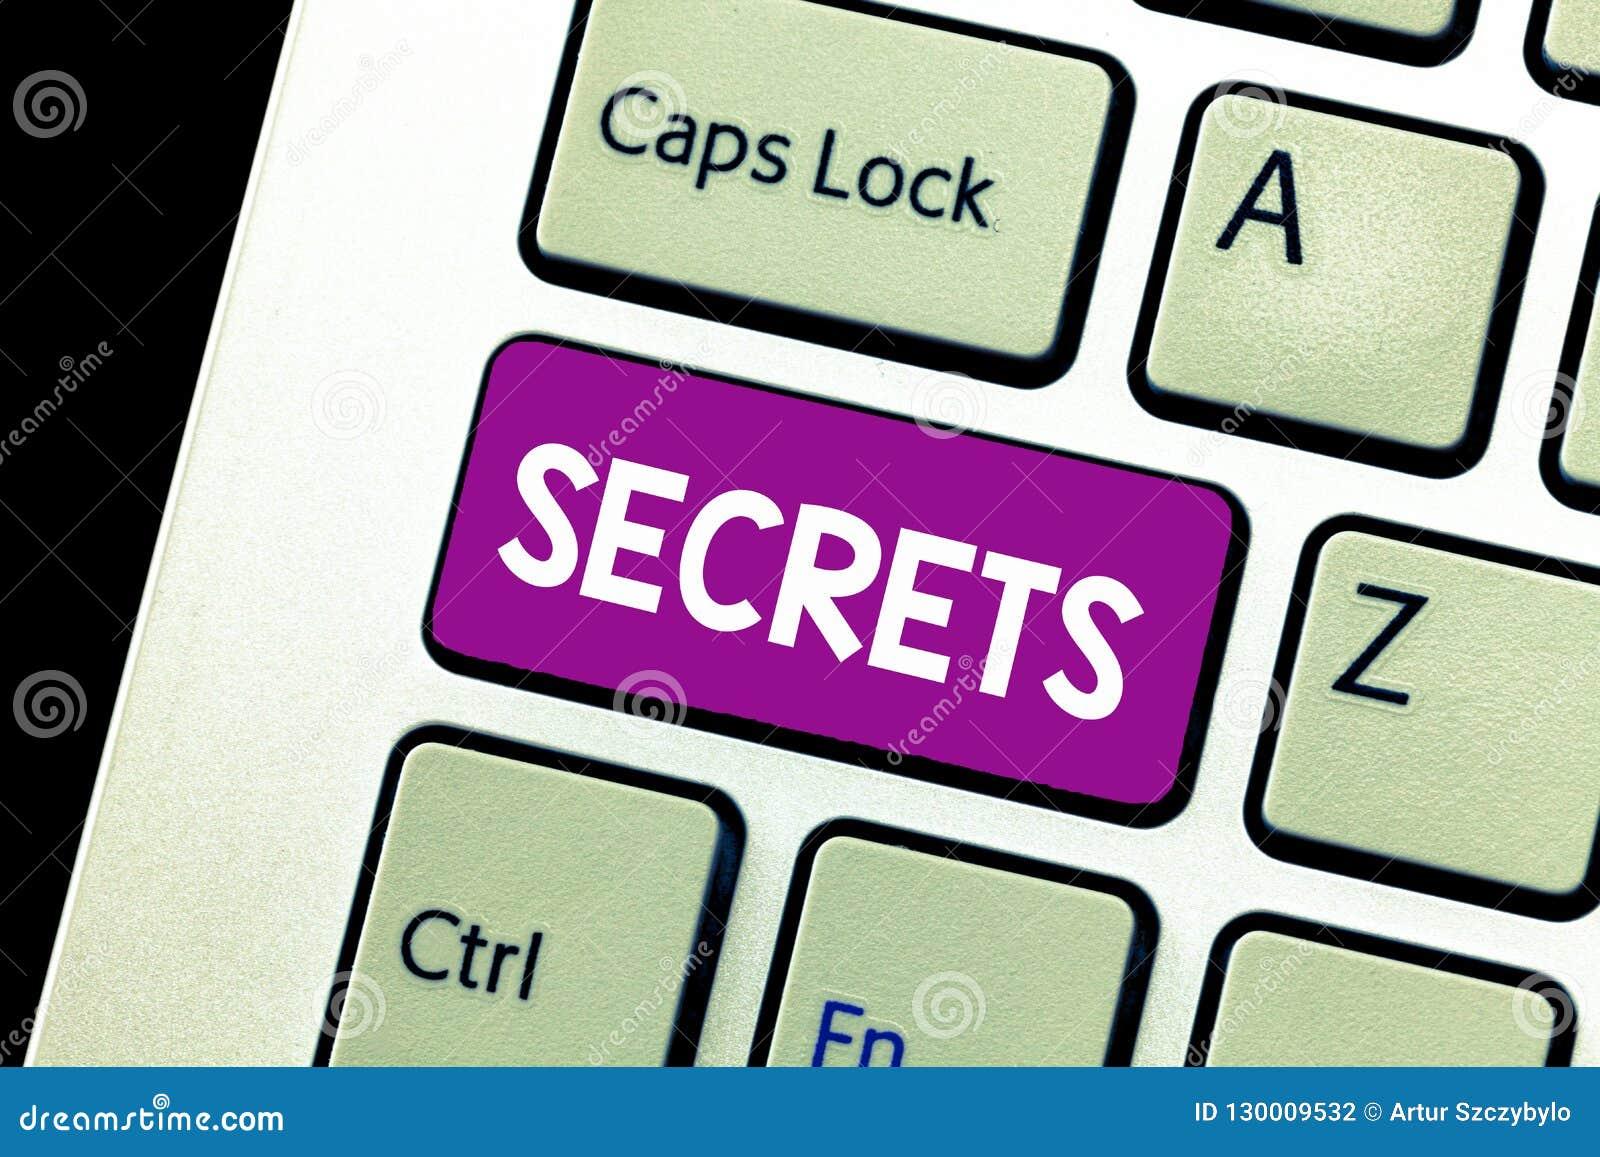 Μυστικά κειμένων γραψίματος λέξης Επιχειρησιακή έννοια για κρατημένος άγνωστος από άλλους εμπιστευτικός ιδιωτικός ταξινομημένου U